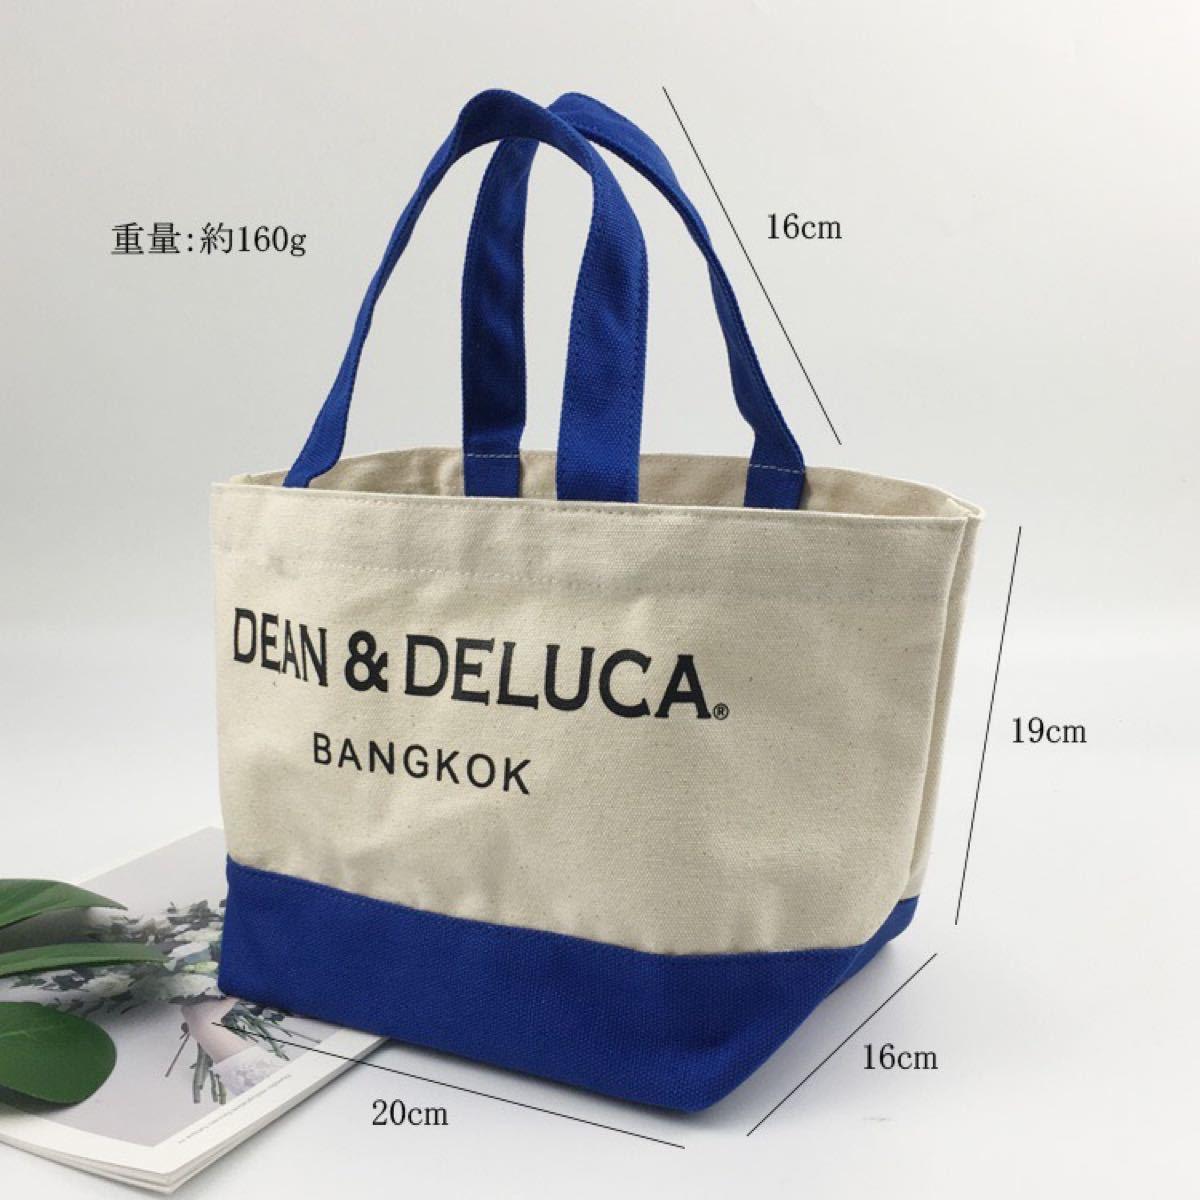 DEAN&DELUCA トートバッグ エコバッグ グリーン